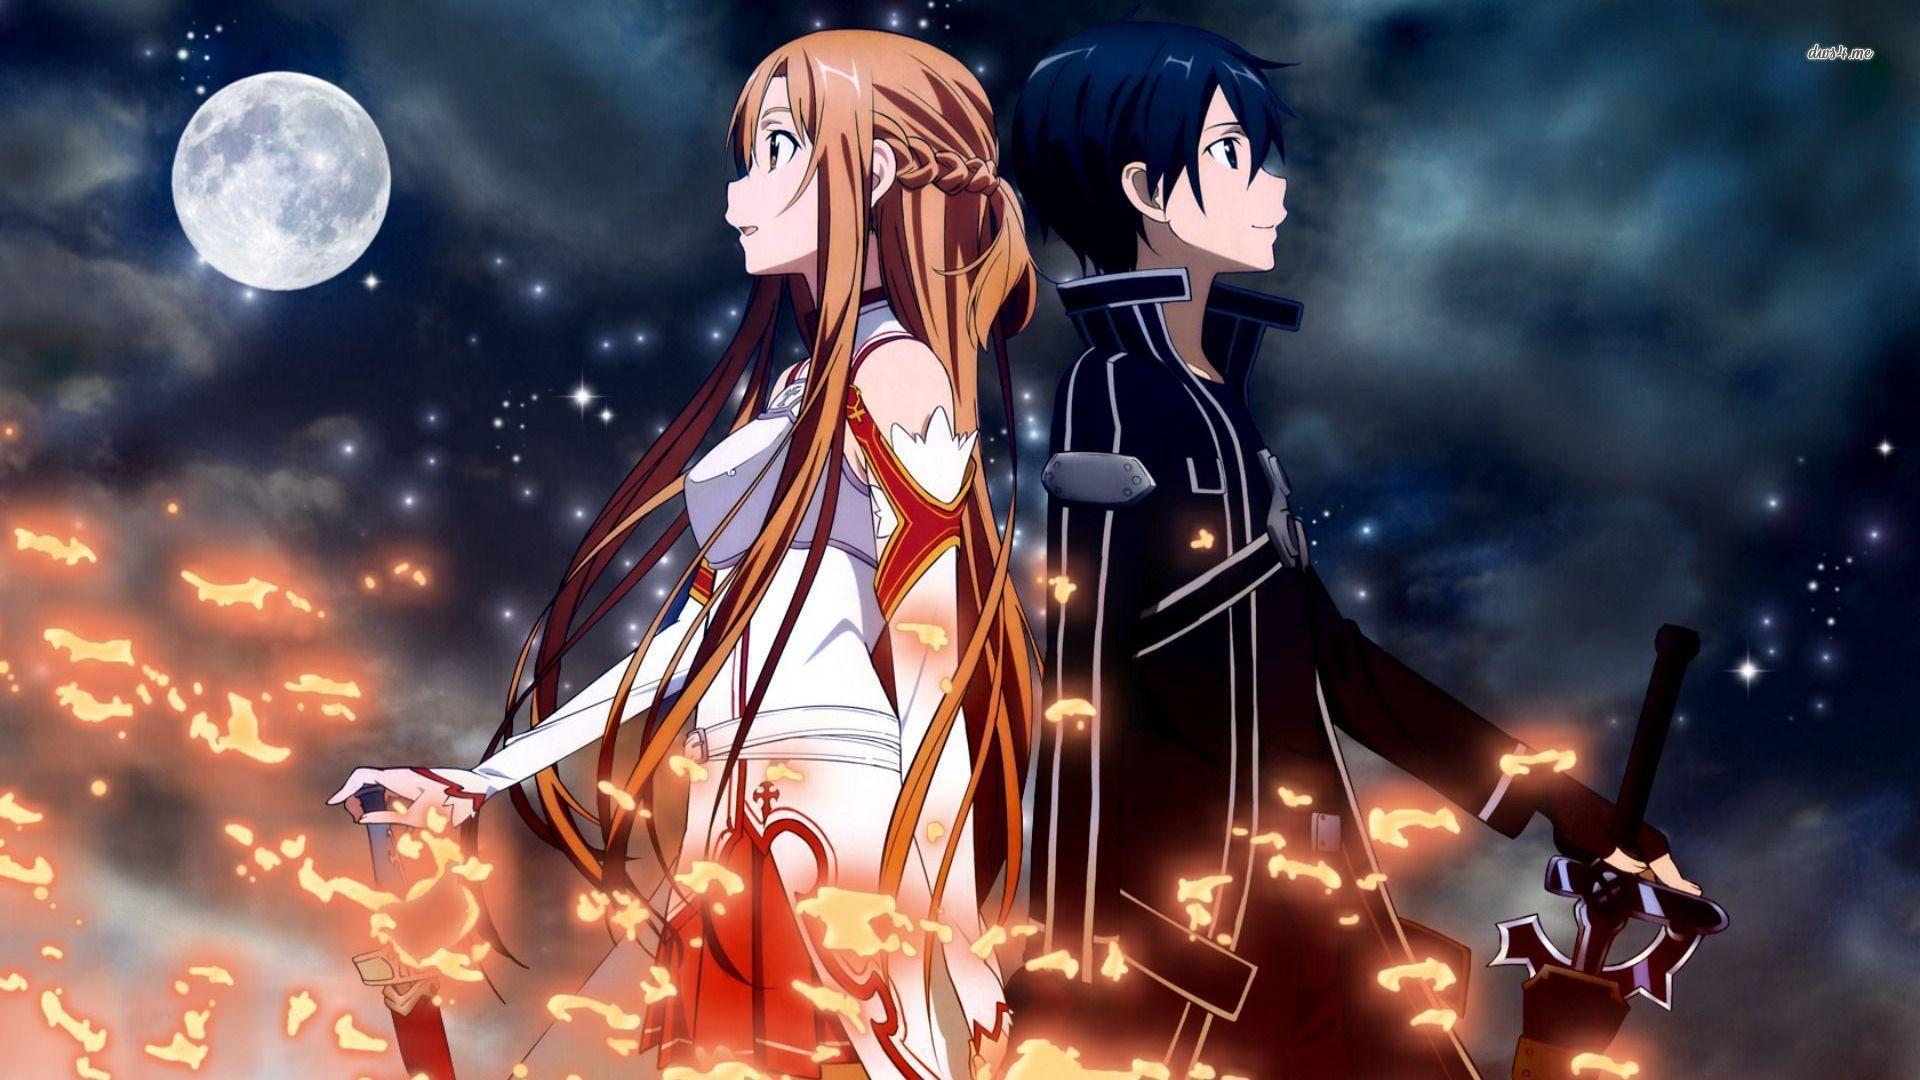 Sword Art Online: Neue Figuren von Kirito und Asuna